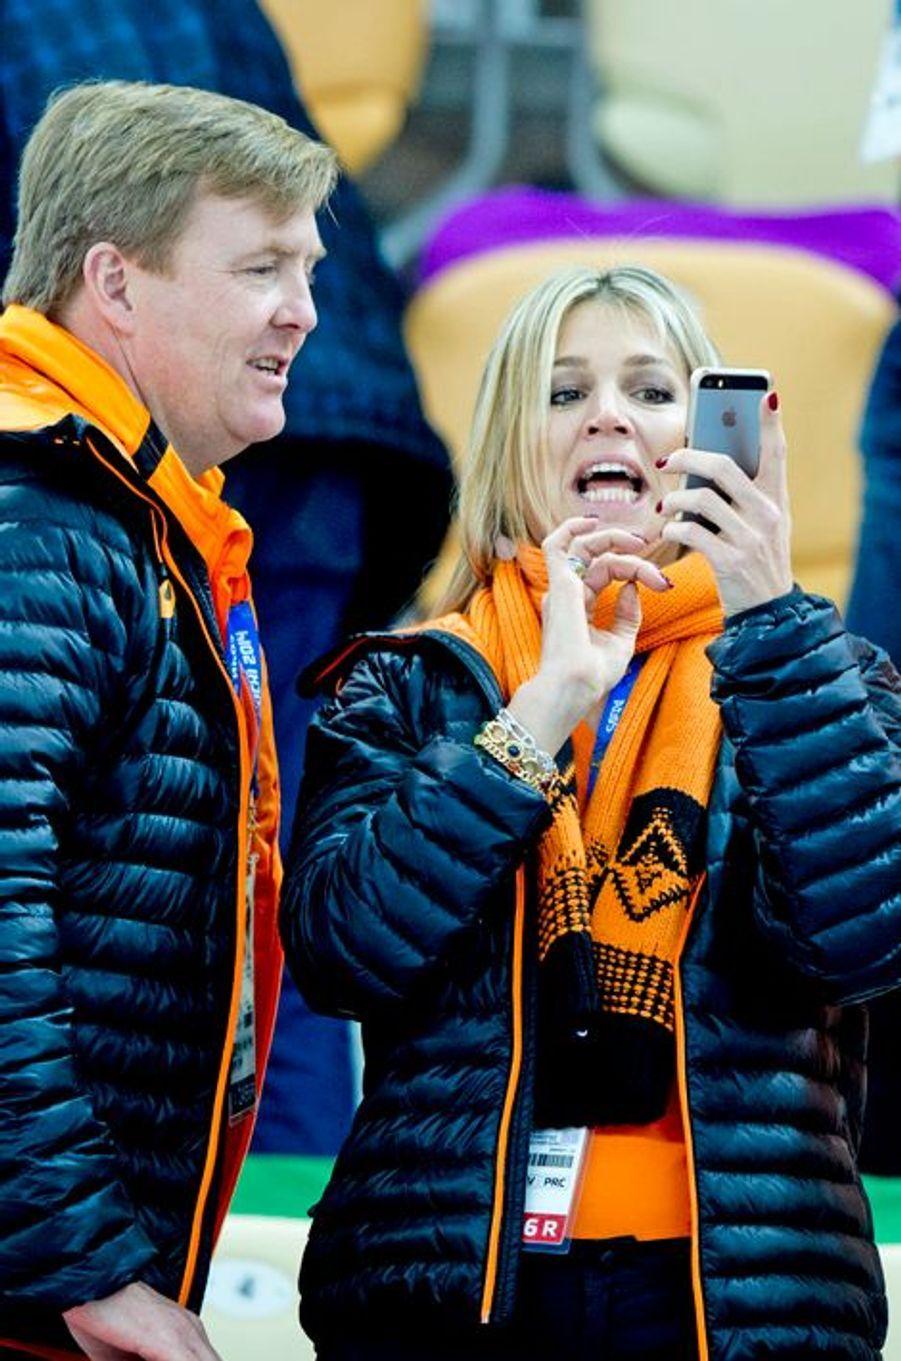 Willem-Alexender et Maxima des Pays-Bas : Tiens un iPhone !, à Sochi le 9 février 2014